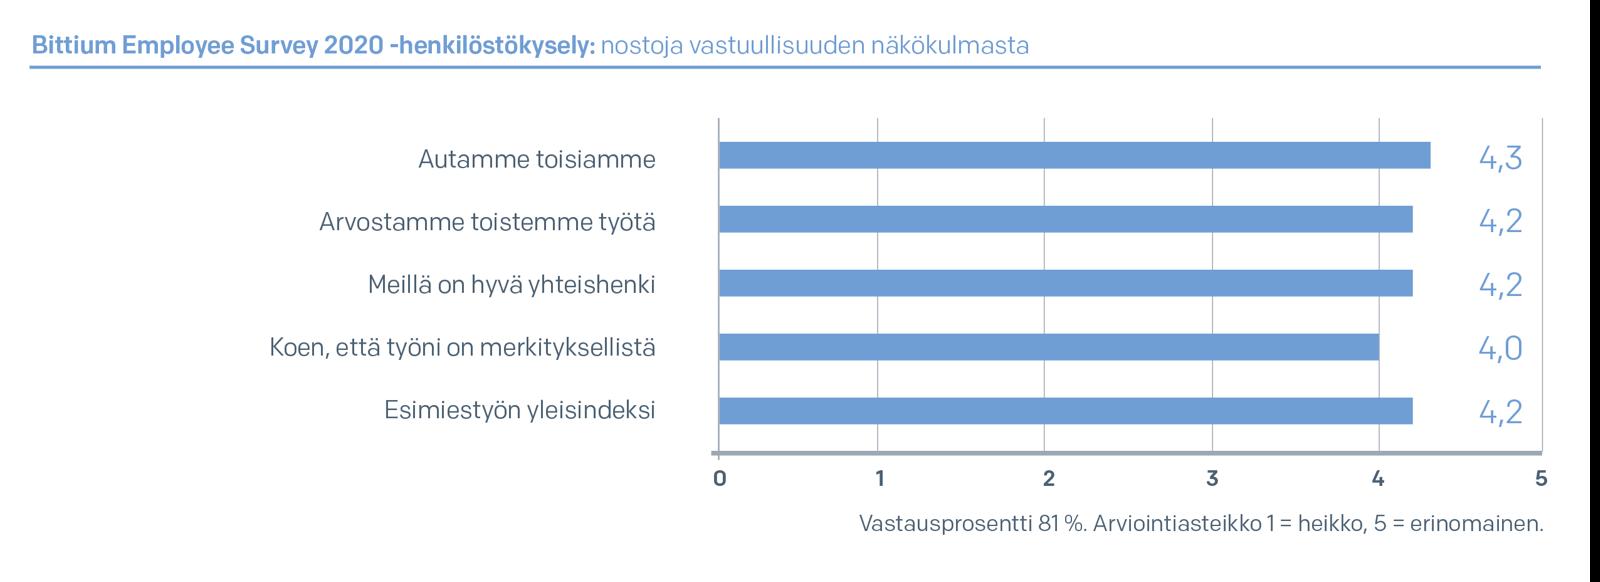 Bittium Employee Survey 2020 -henkilöstökysely: nostoja vastuullisuuden näkökulmasta